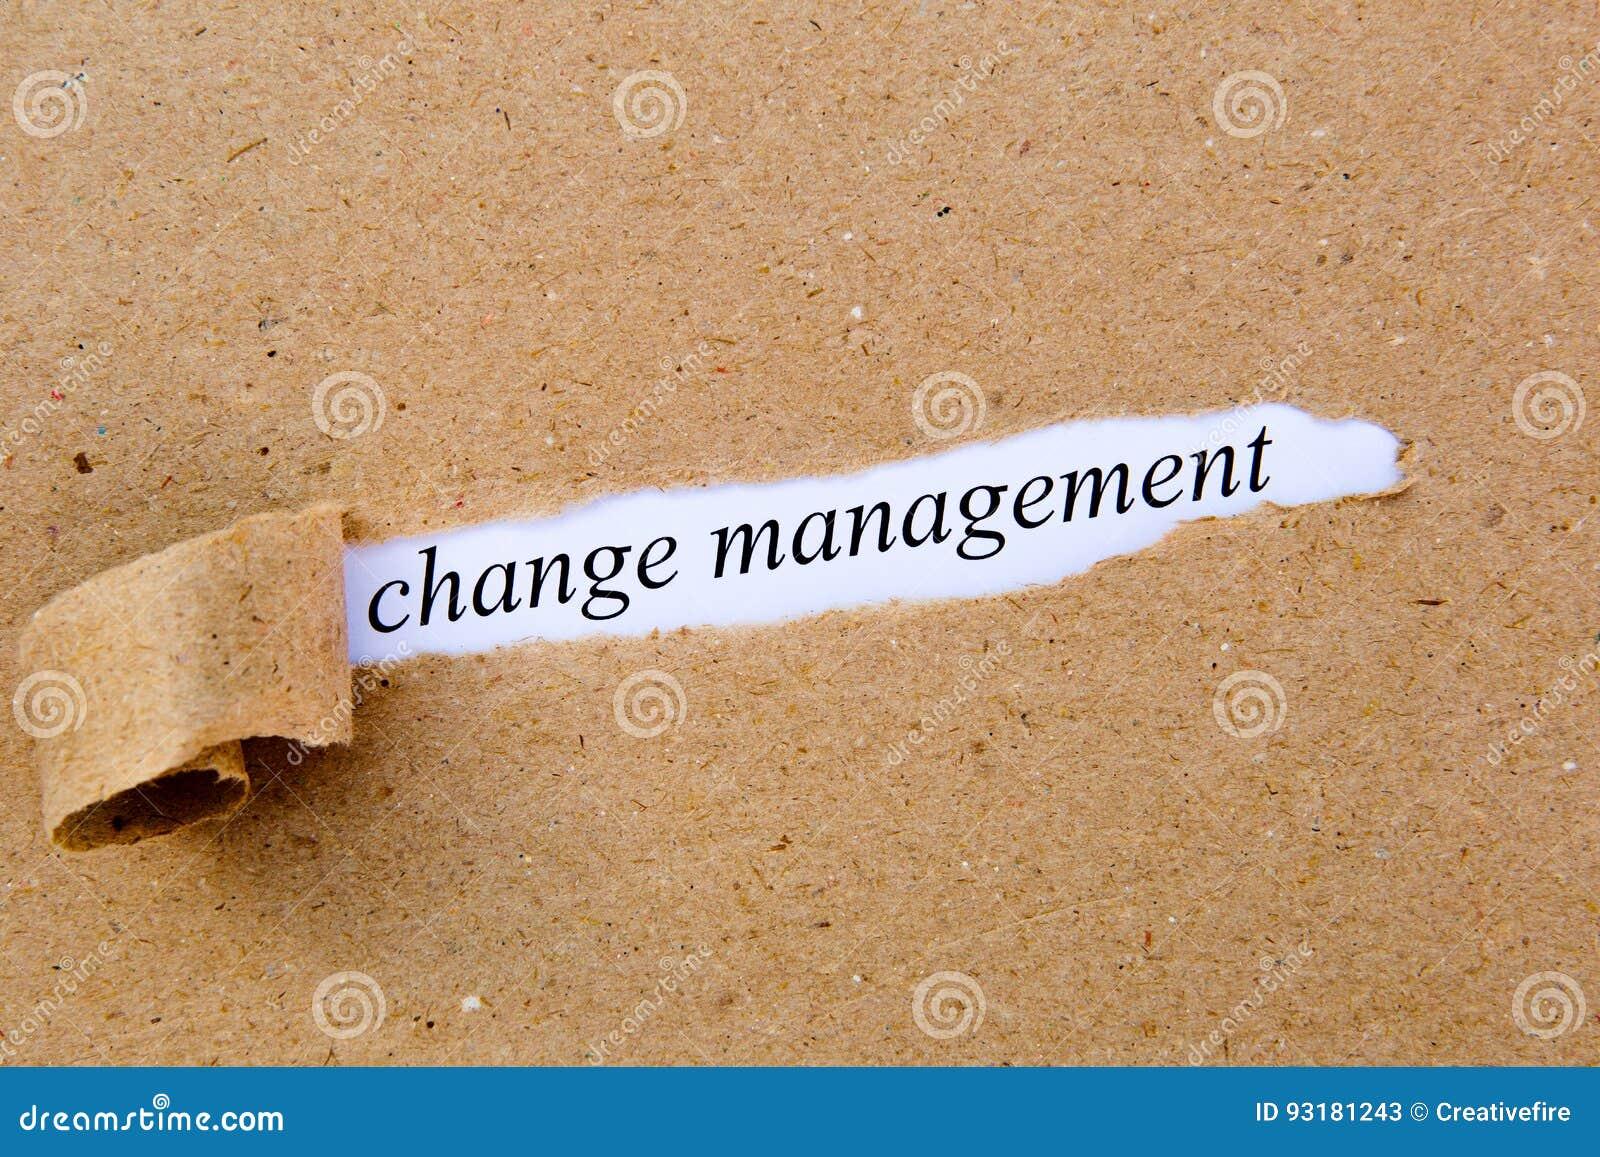 Veranderingsbeheer - gedrukte tekst onderaan gescheurd pakpapier